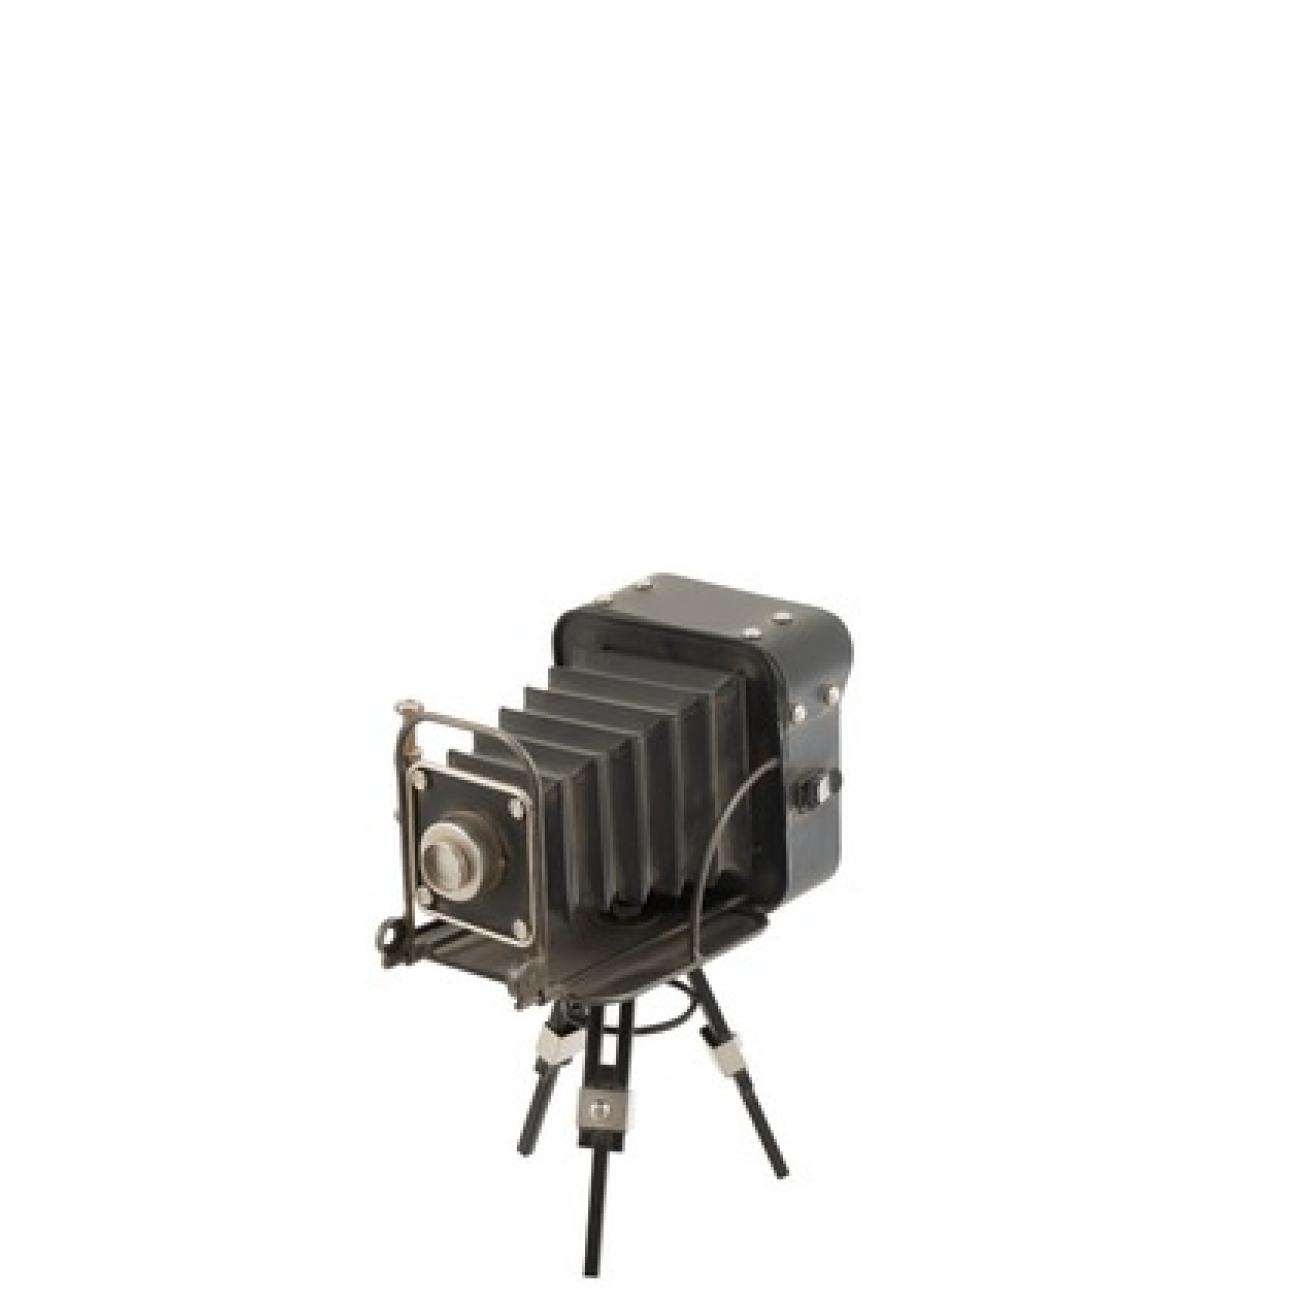 Настольные часы J-LINE в форме старой фотокамеры на штативе металлические черные